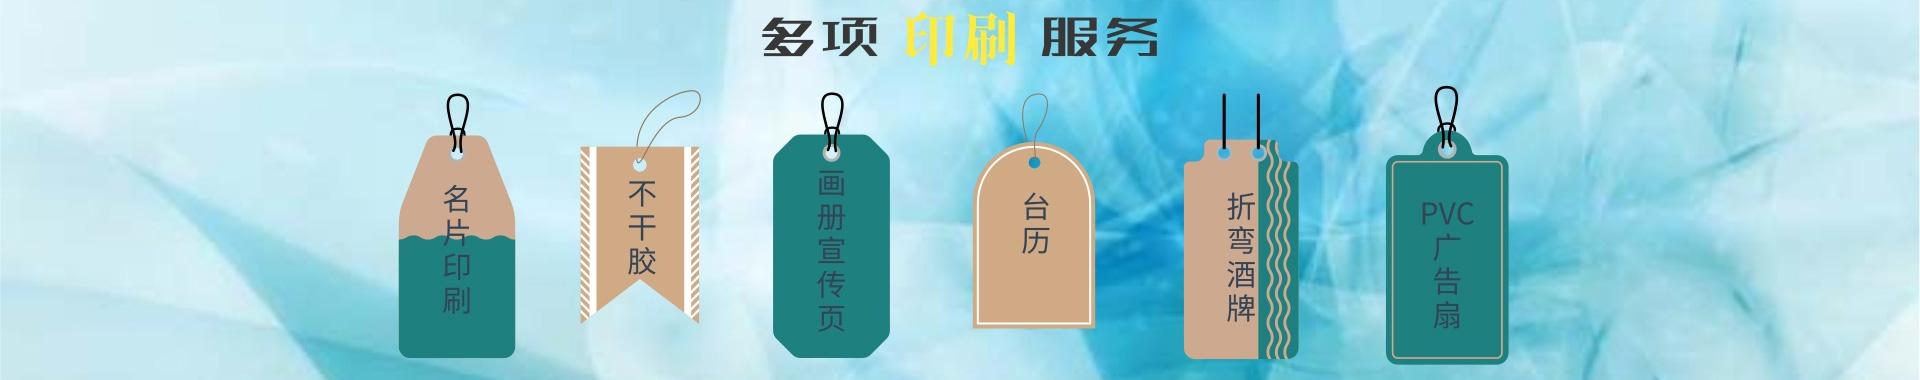 鄭州羅航包裝专业久久在线观看制作各种印刷品包装,欢迎来电选购。